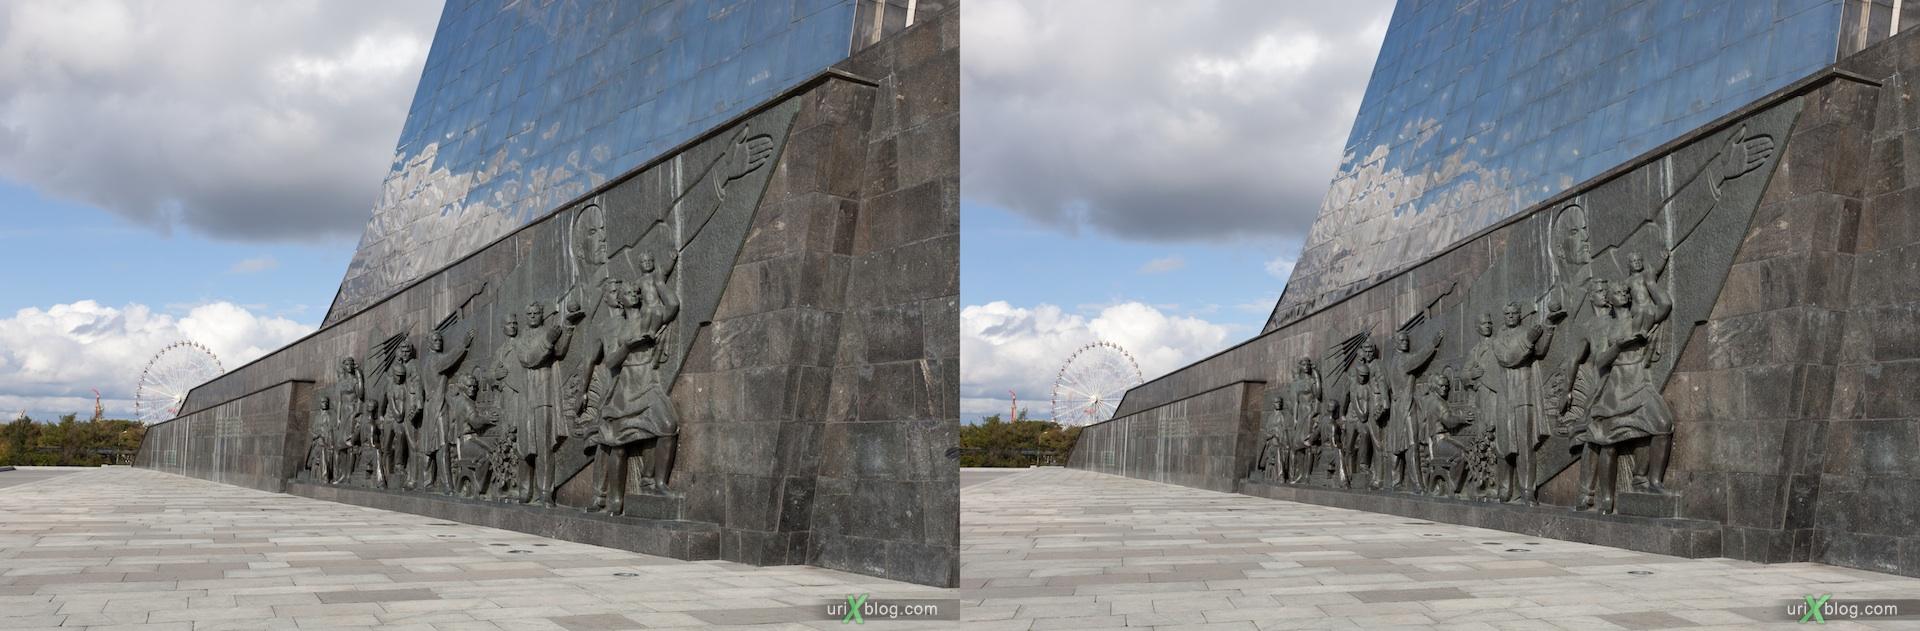 2011 Moscow, Москва ВВЦ музей Космонавтики